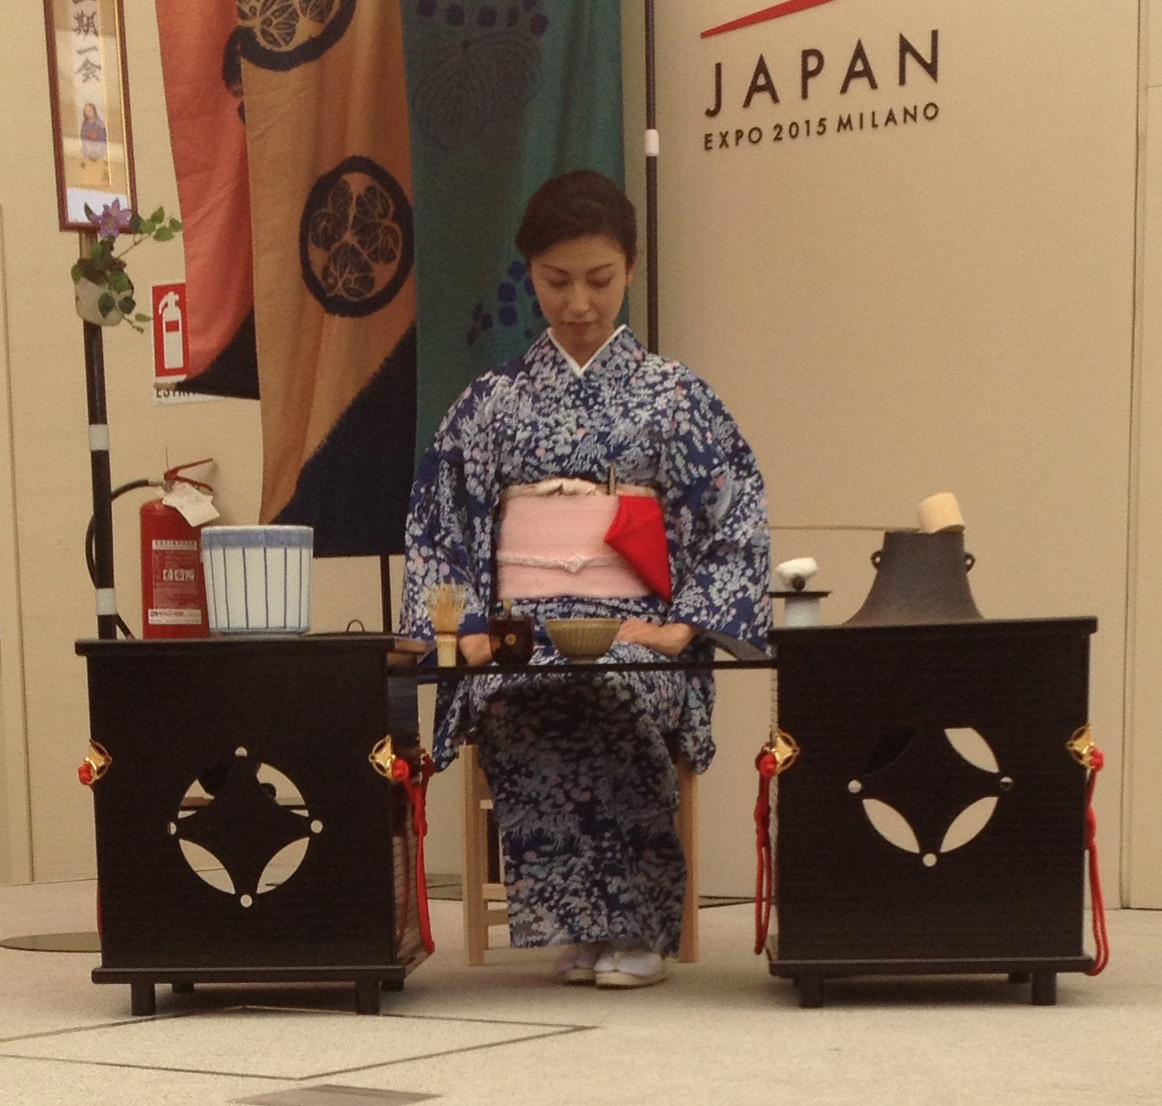 Cerimonia del tè nel padiglione giapponese in Expo